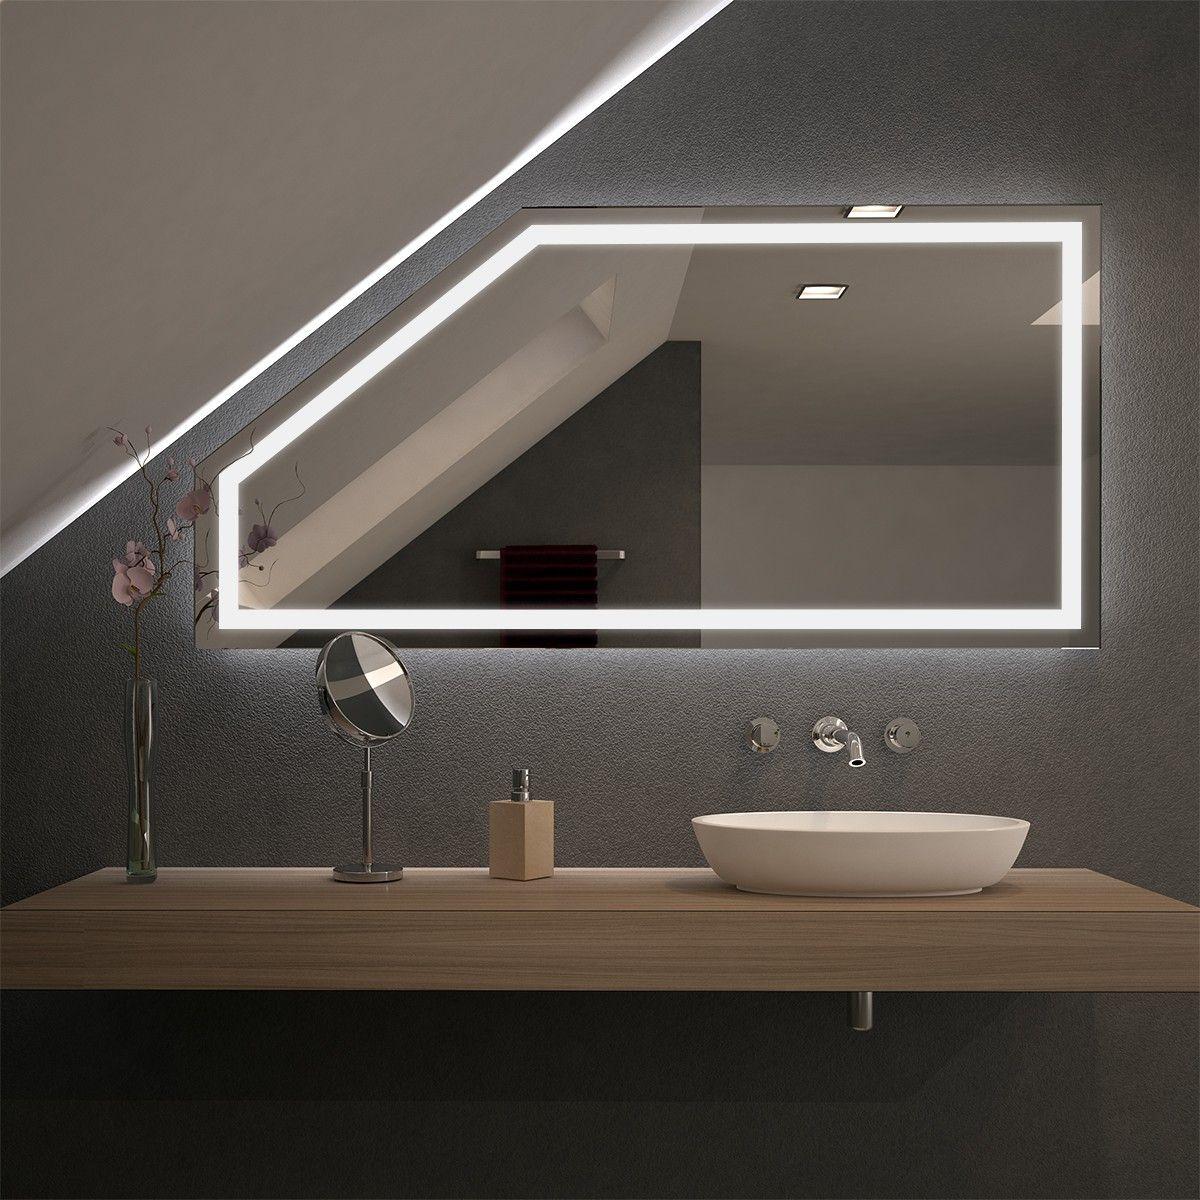 Spiegel Fur Dachschragen Mit Led Beleuchtung Fiola Badezimmer Dachschrage